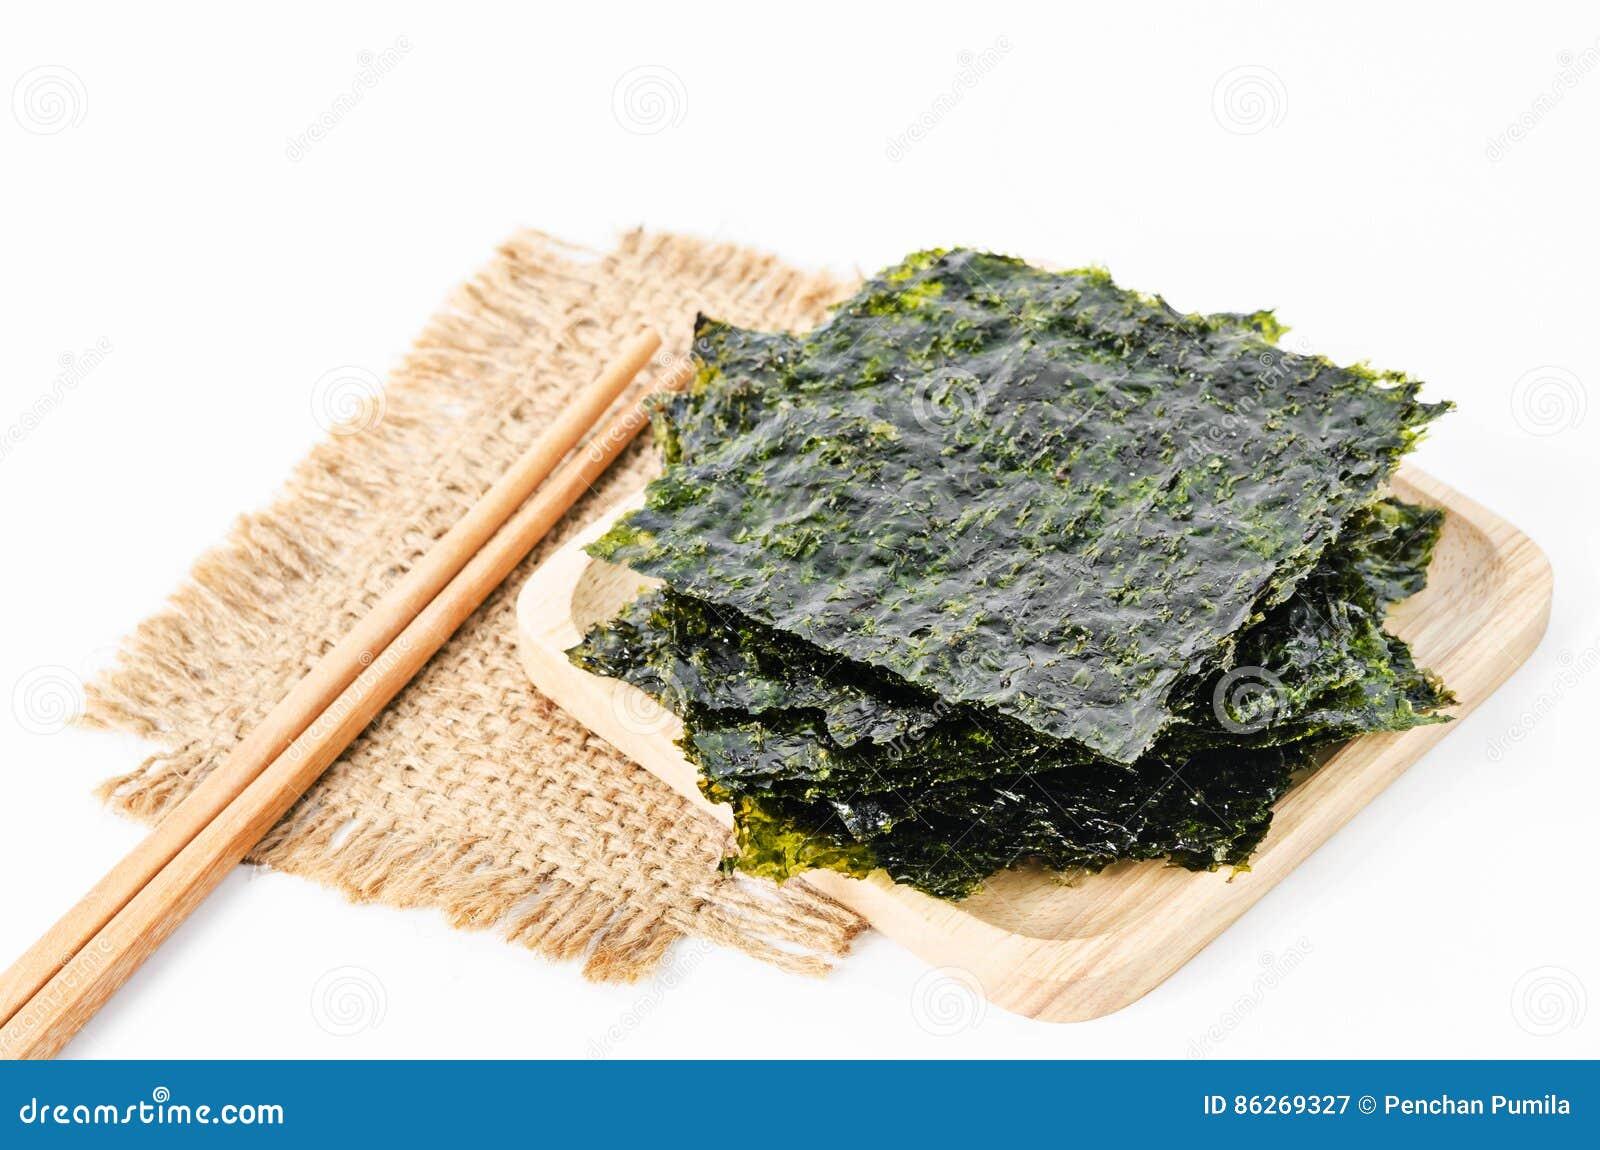 Download Japanese Food Nori Dry Seaweed Sheets. Stock Image - Image of alga, sheet: 86269327